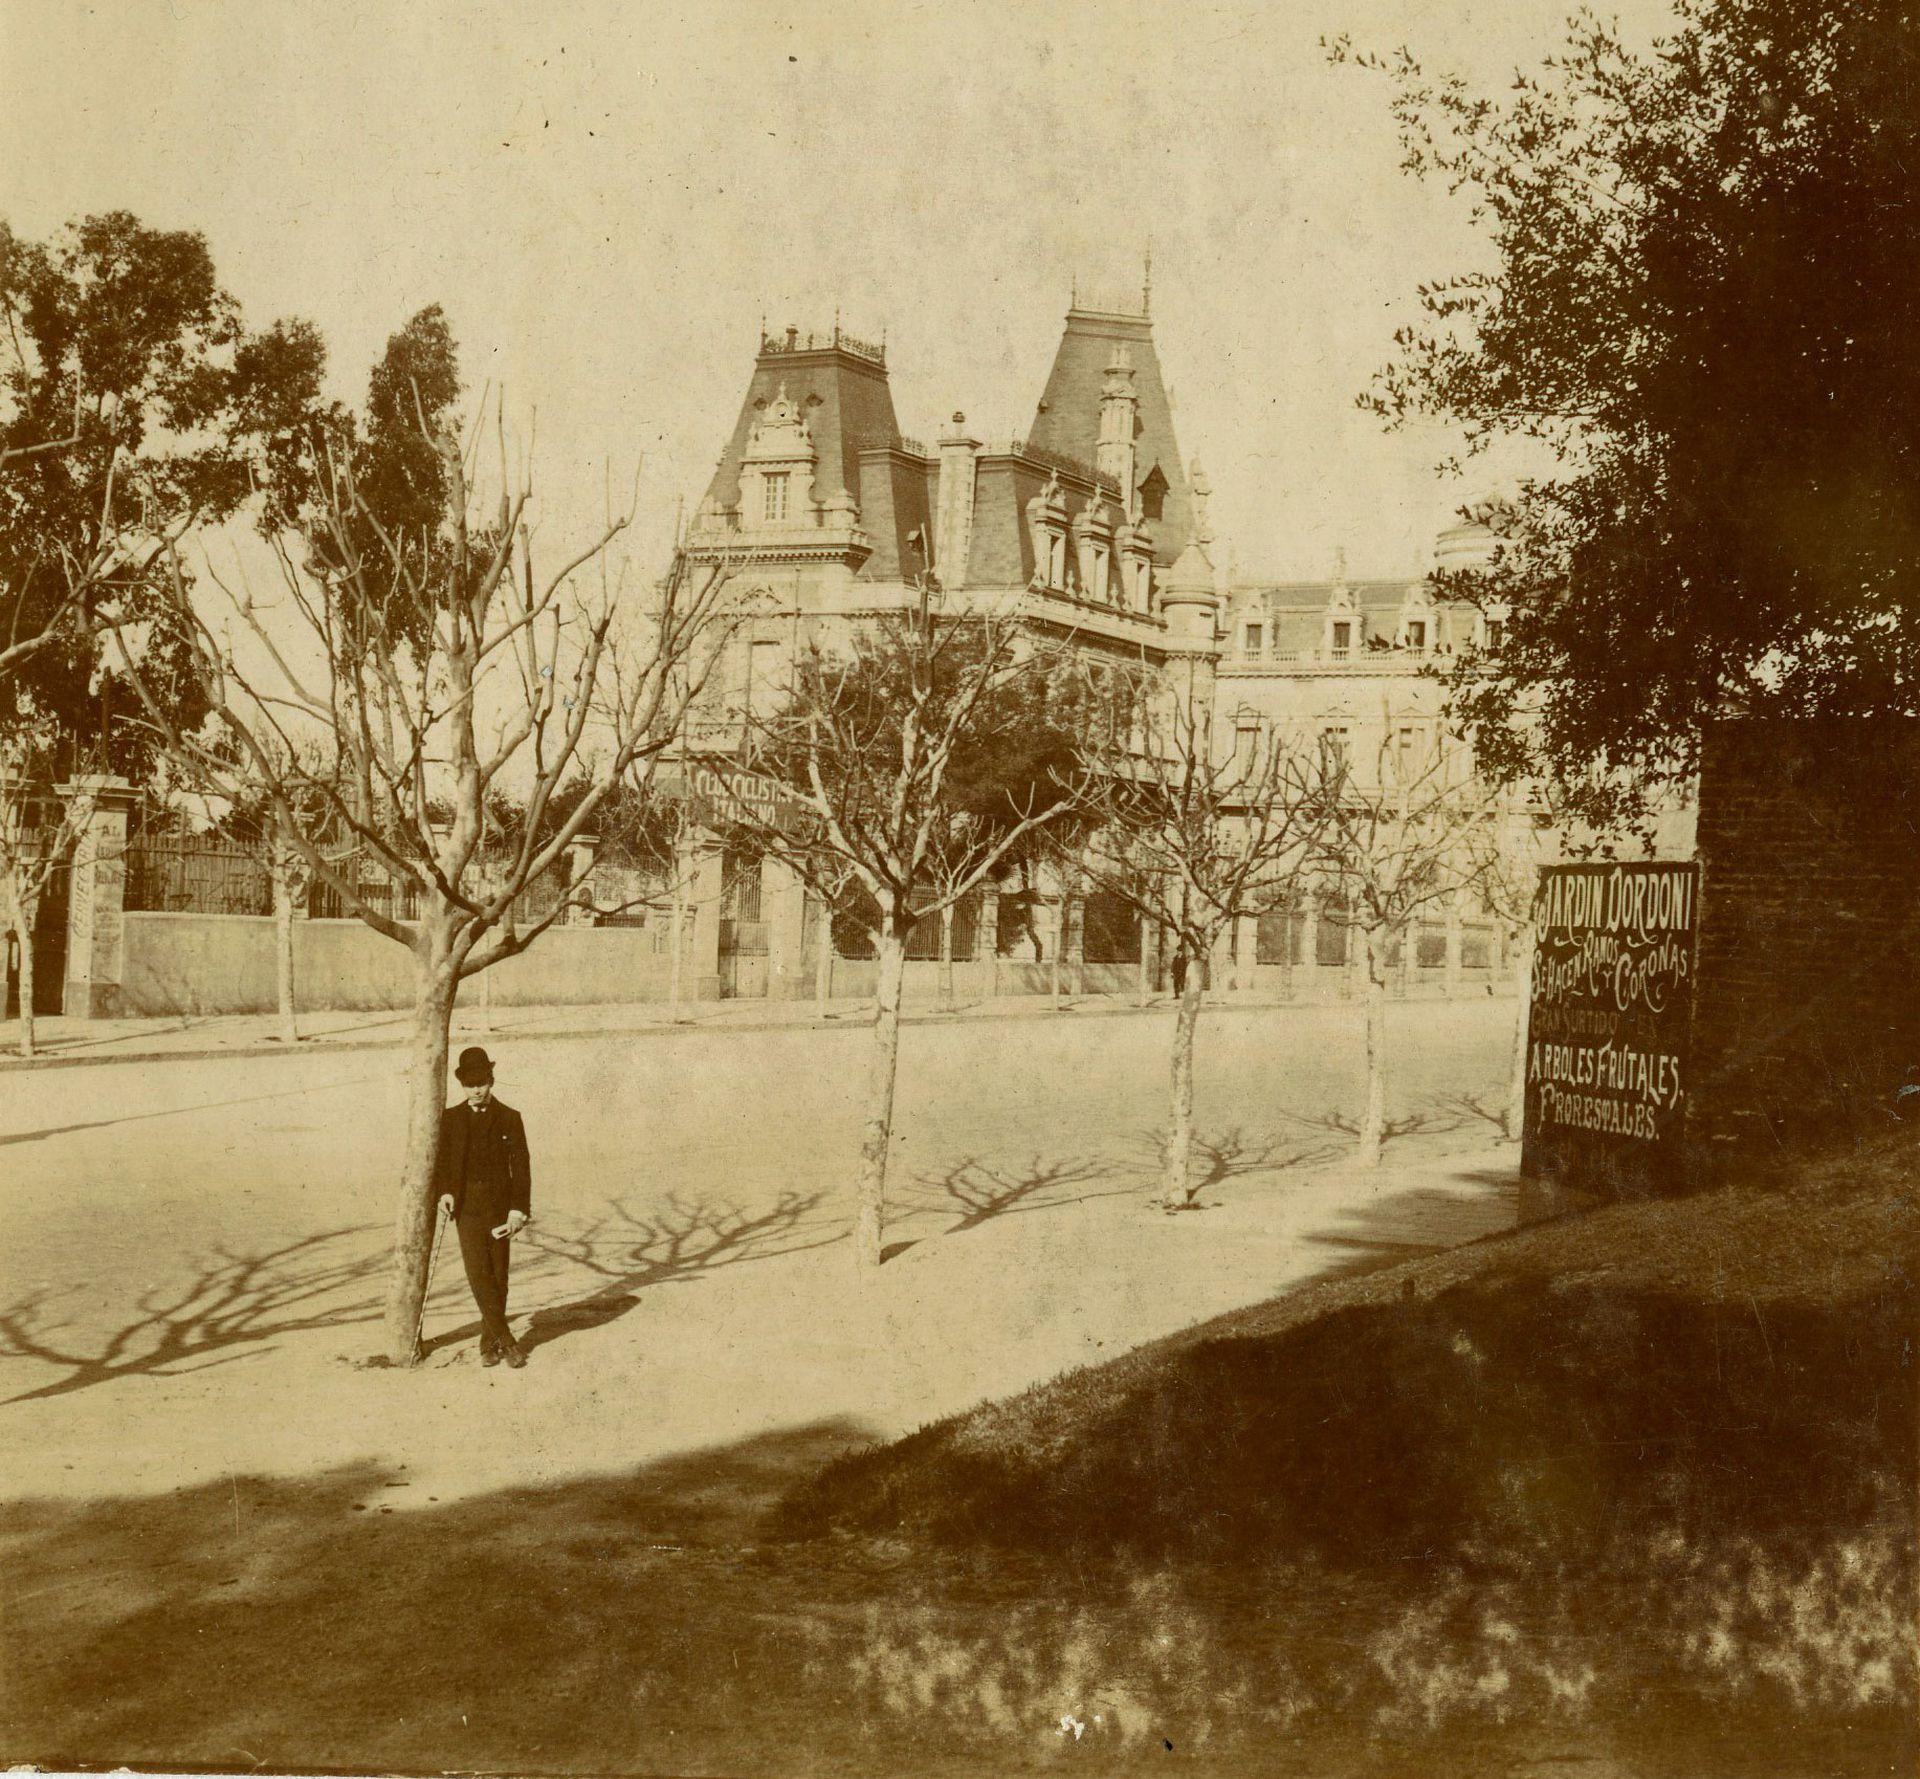 El Palacio Dose al fondo. A la izquierda se llega a leer el cartel del Club Ciclístico Italiano que funcionó allí hasta 1910.